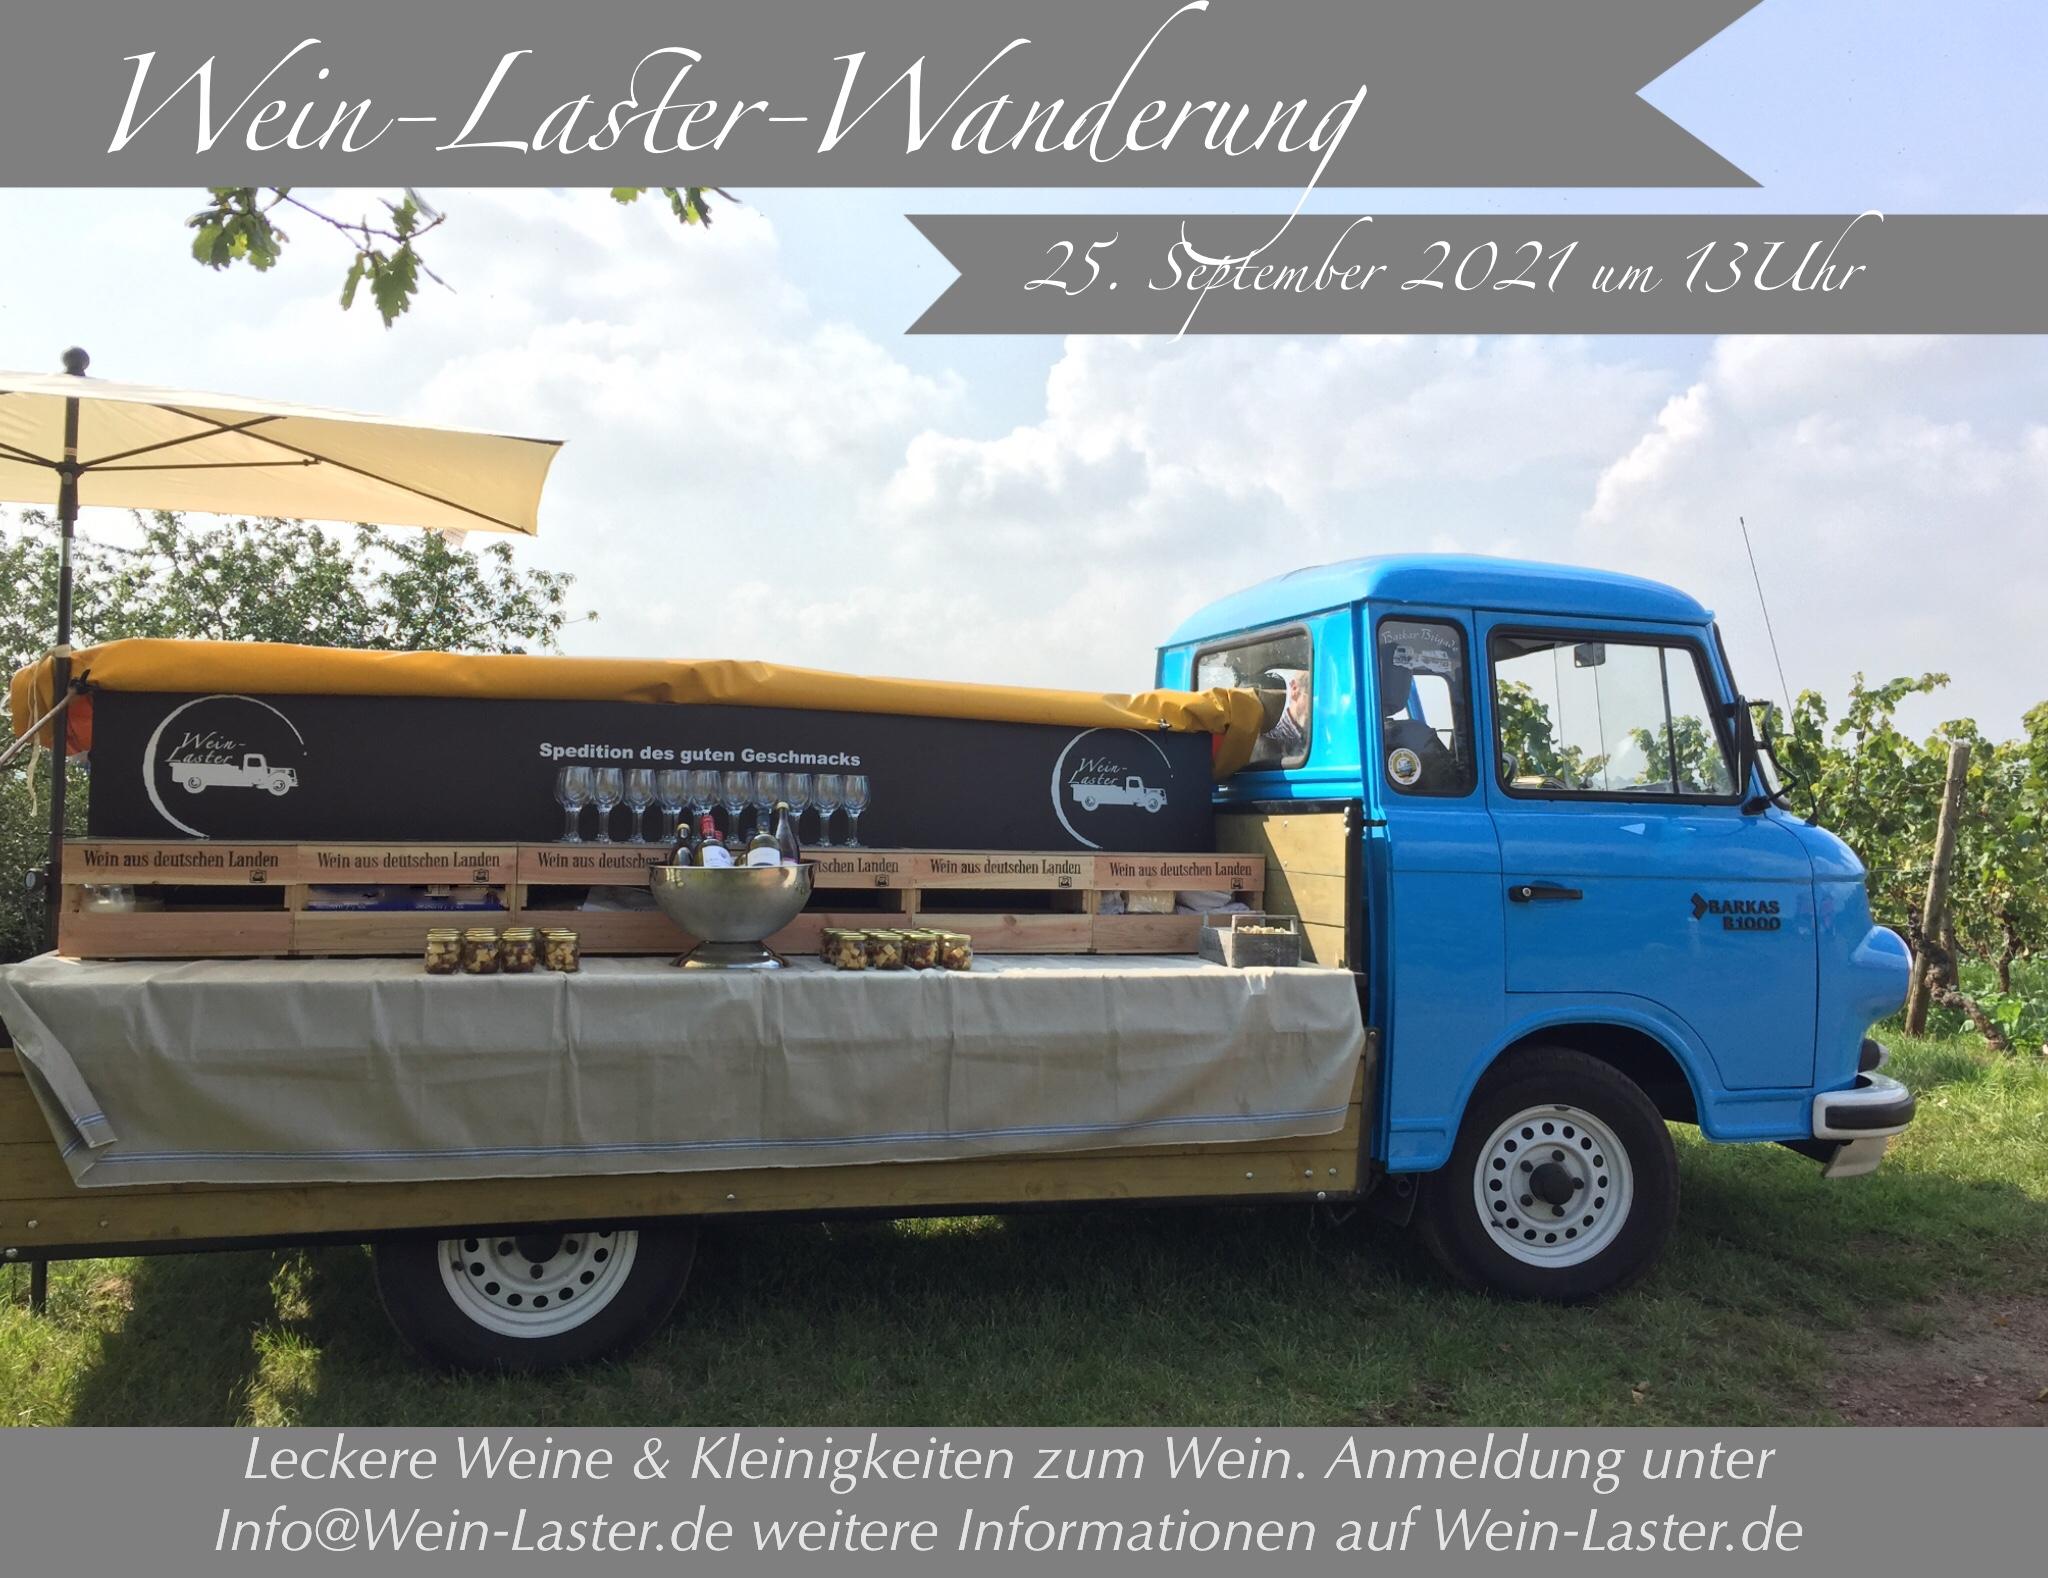 Wein-Laster-Wanderung am 25. September